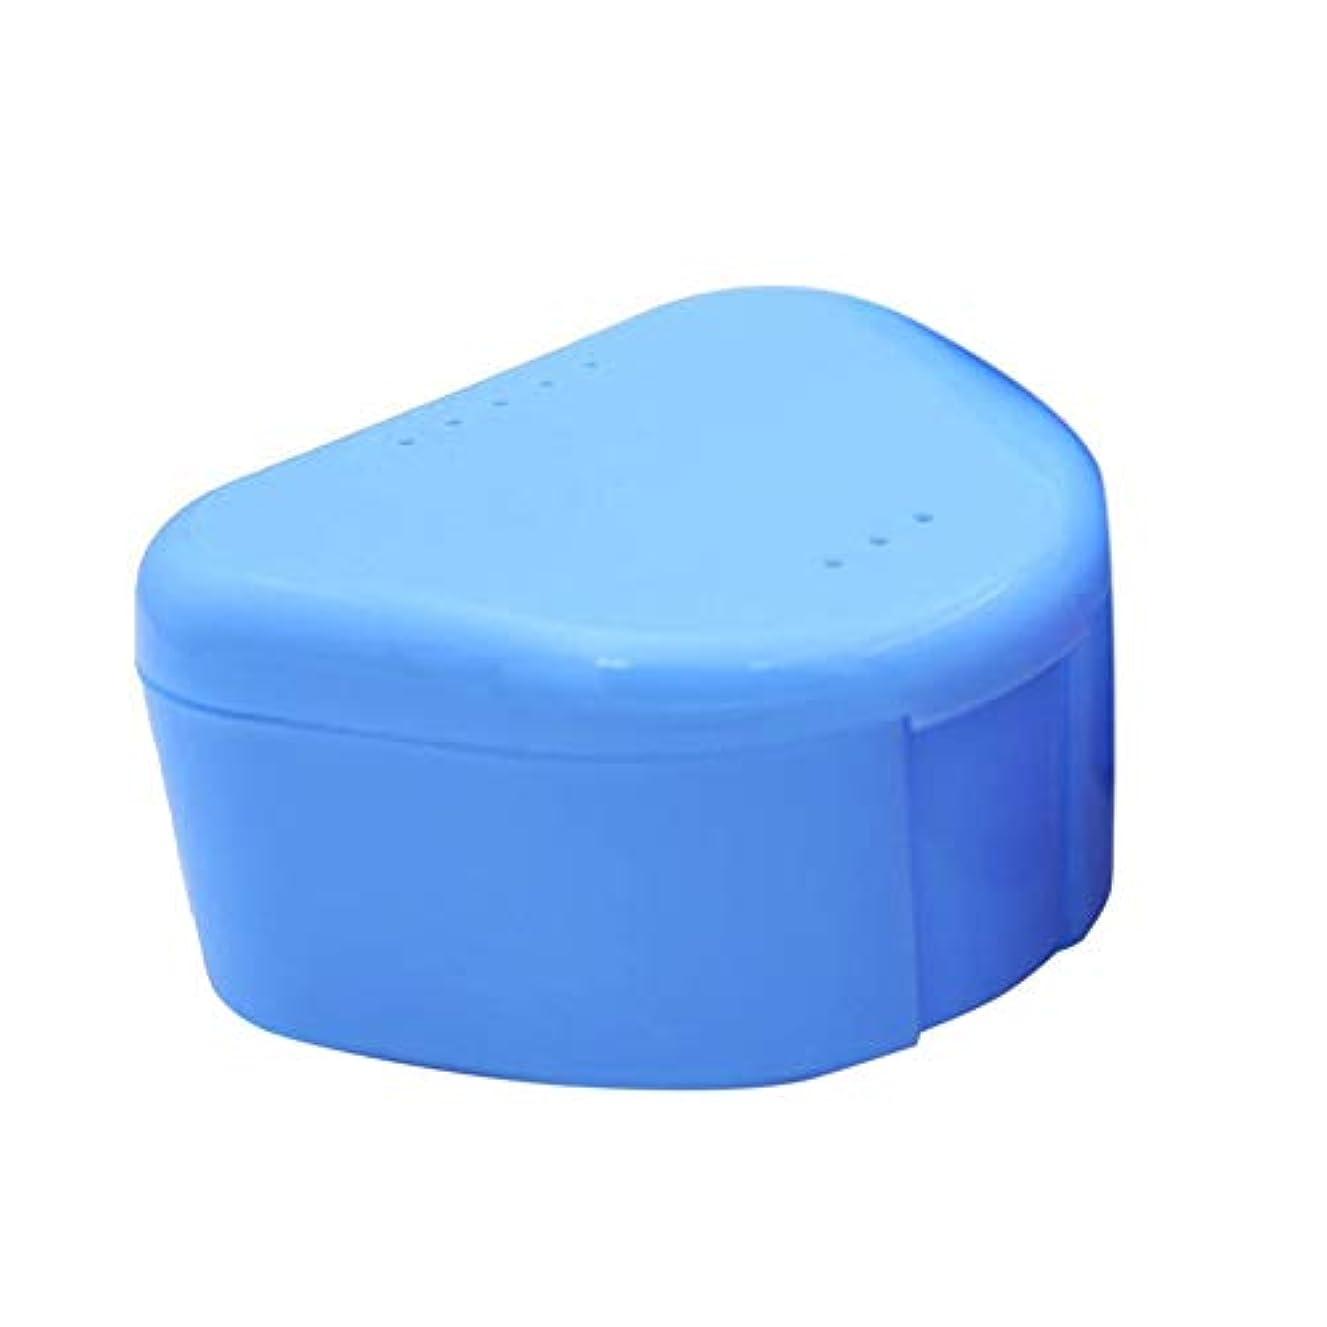 億半径厚くするデンタルリテーナーケースデンタルブレース偽歯収納ケースボックスマウスピースオーガナイザーオーラルヘルスケアデンタルトレイボックス(Color:random)